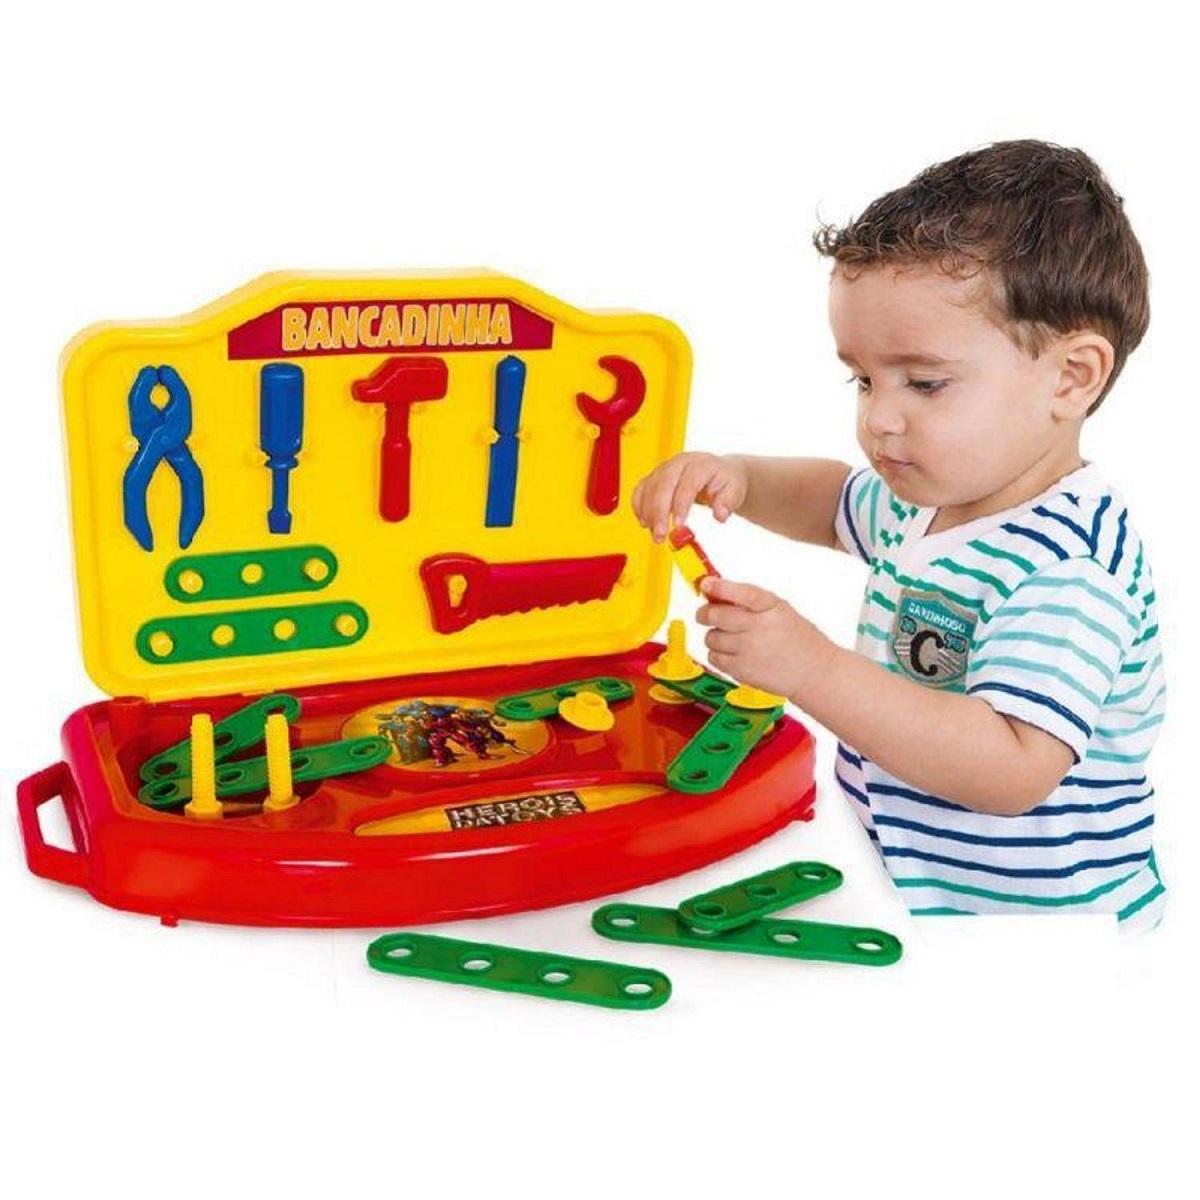 Brinquedo Bancadinha De Ferramentas De Plastico Super Toys